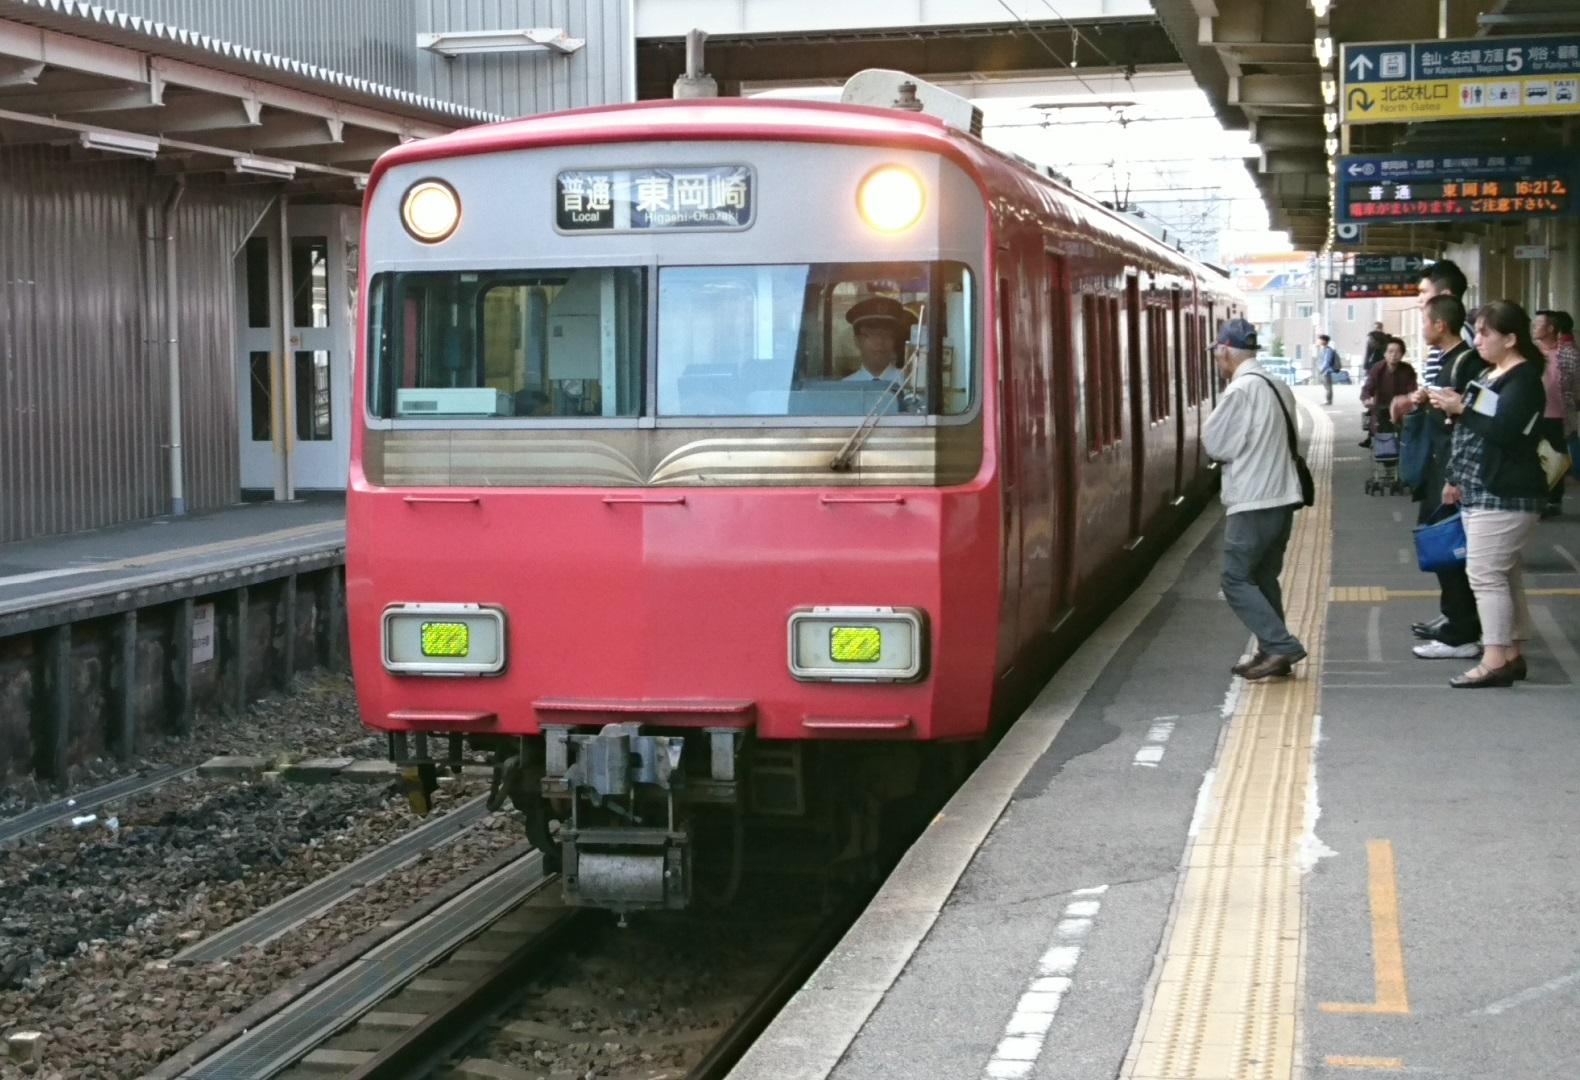 2016.10.16 (13) 知立 - 東岡崎いきふつう